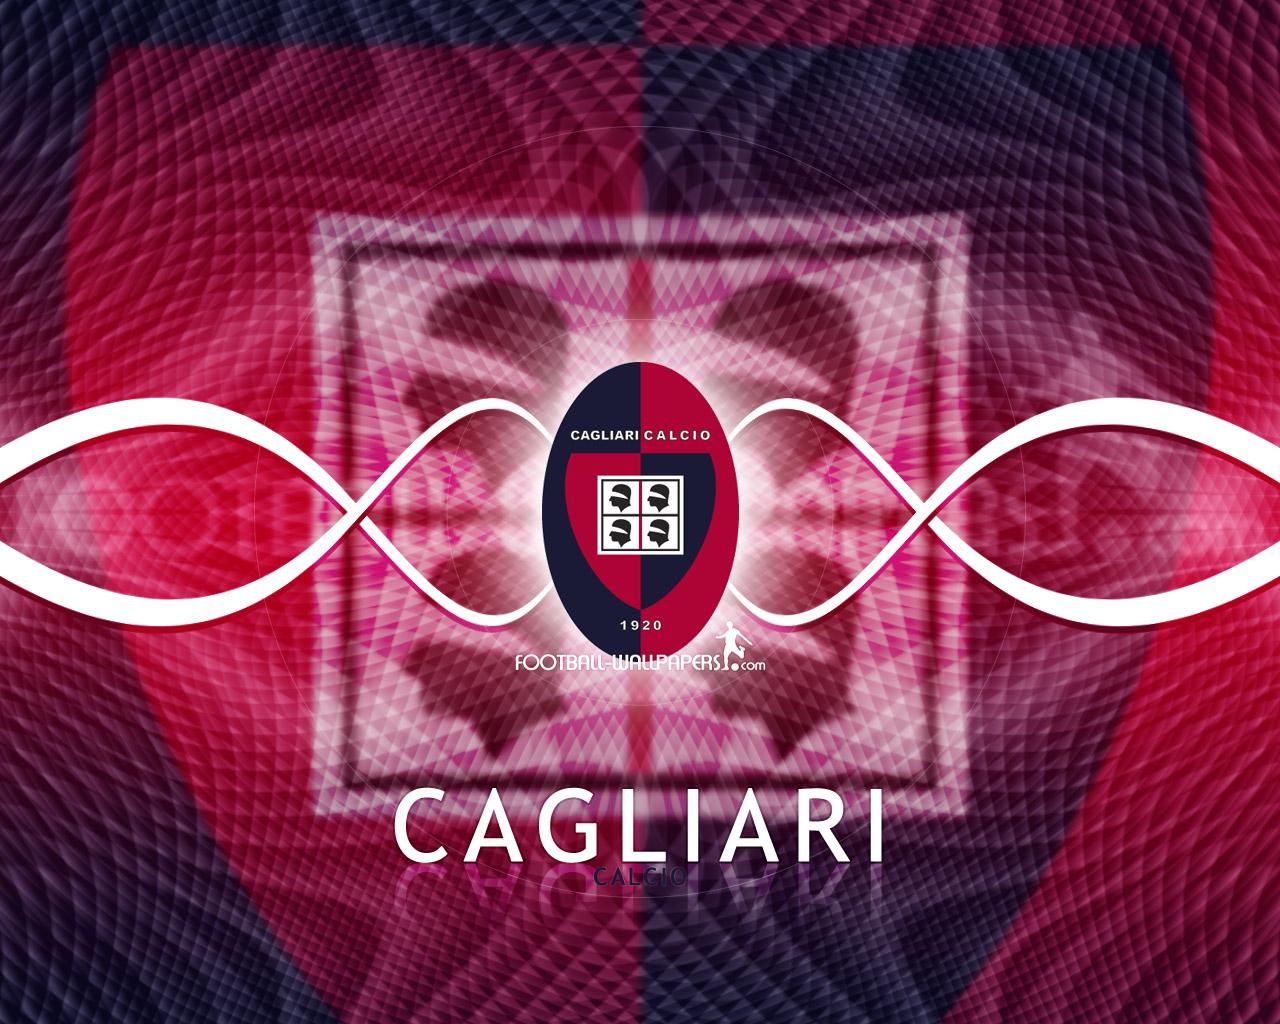 cagliariwallpaper171280x1024.jpg